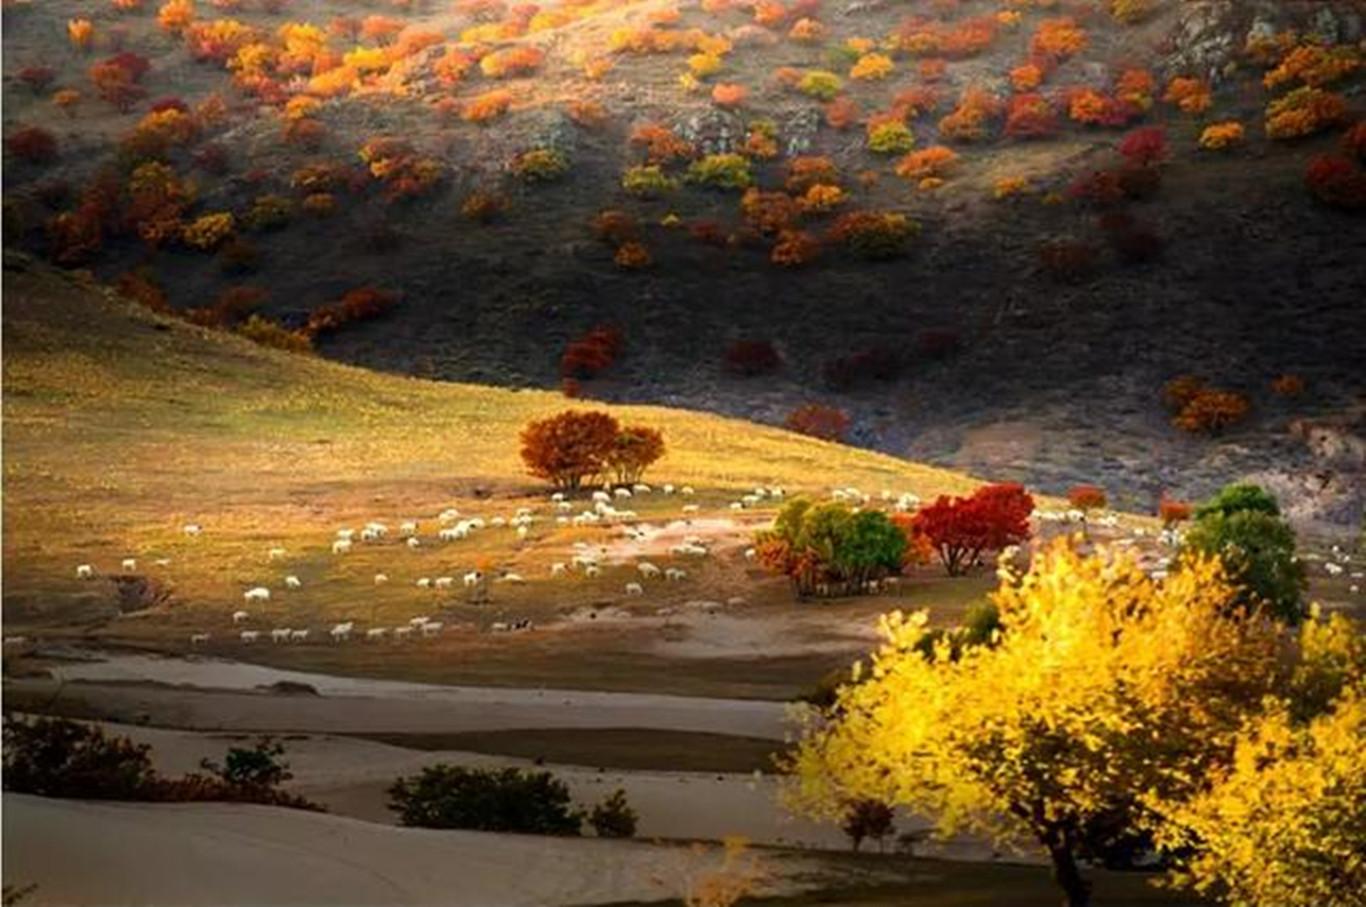 十一假日锡林郭勒草原风景大道自驾嘉年华